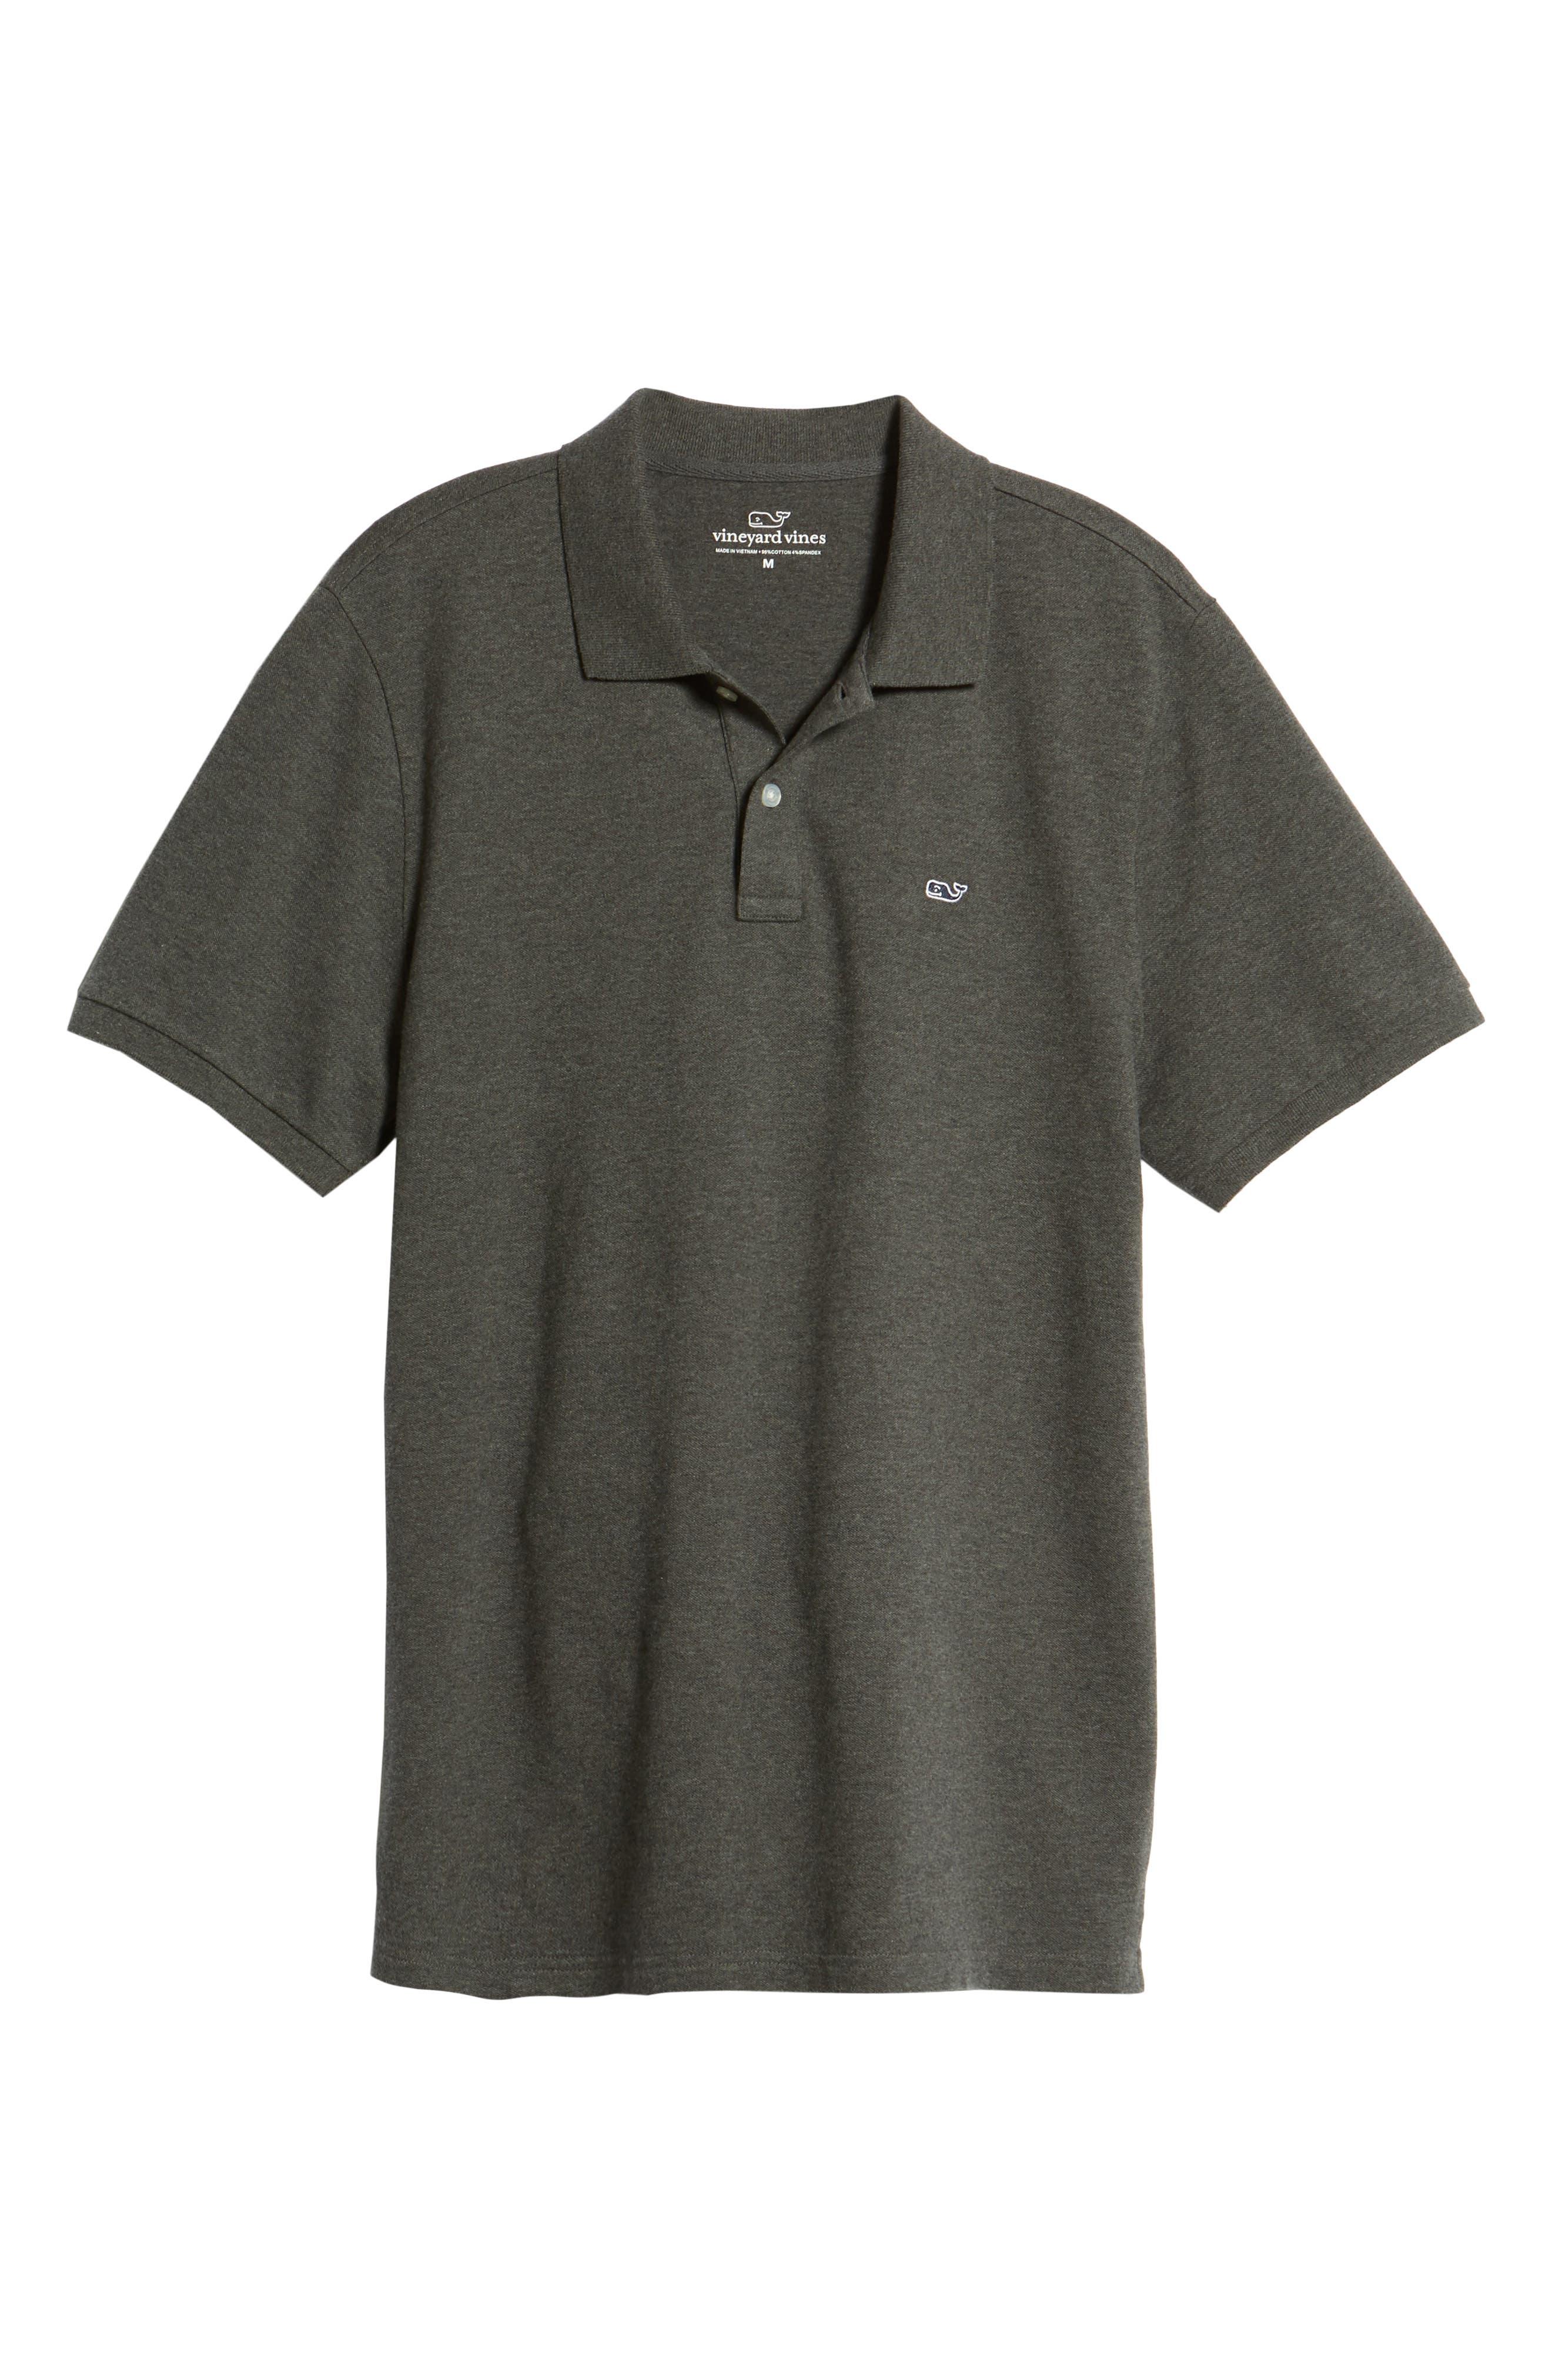 VINEYARD VINES,                             Regular Fit Piqué Polo,                             Alternate thumbnail 6, color,                             025